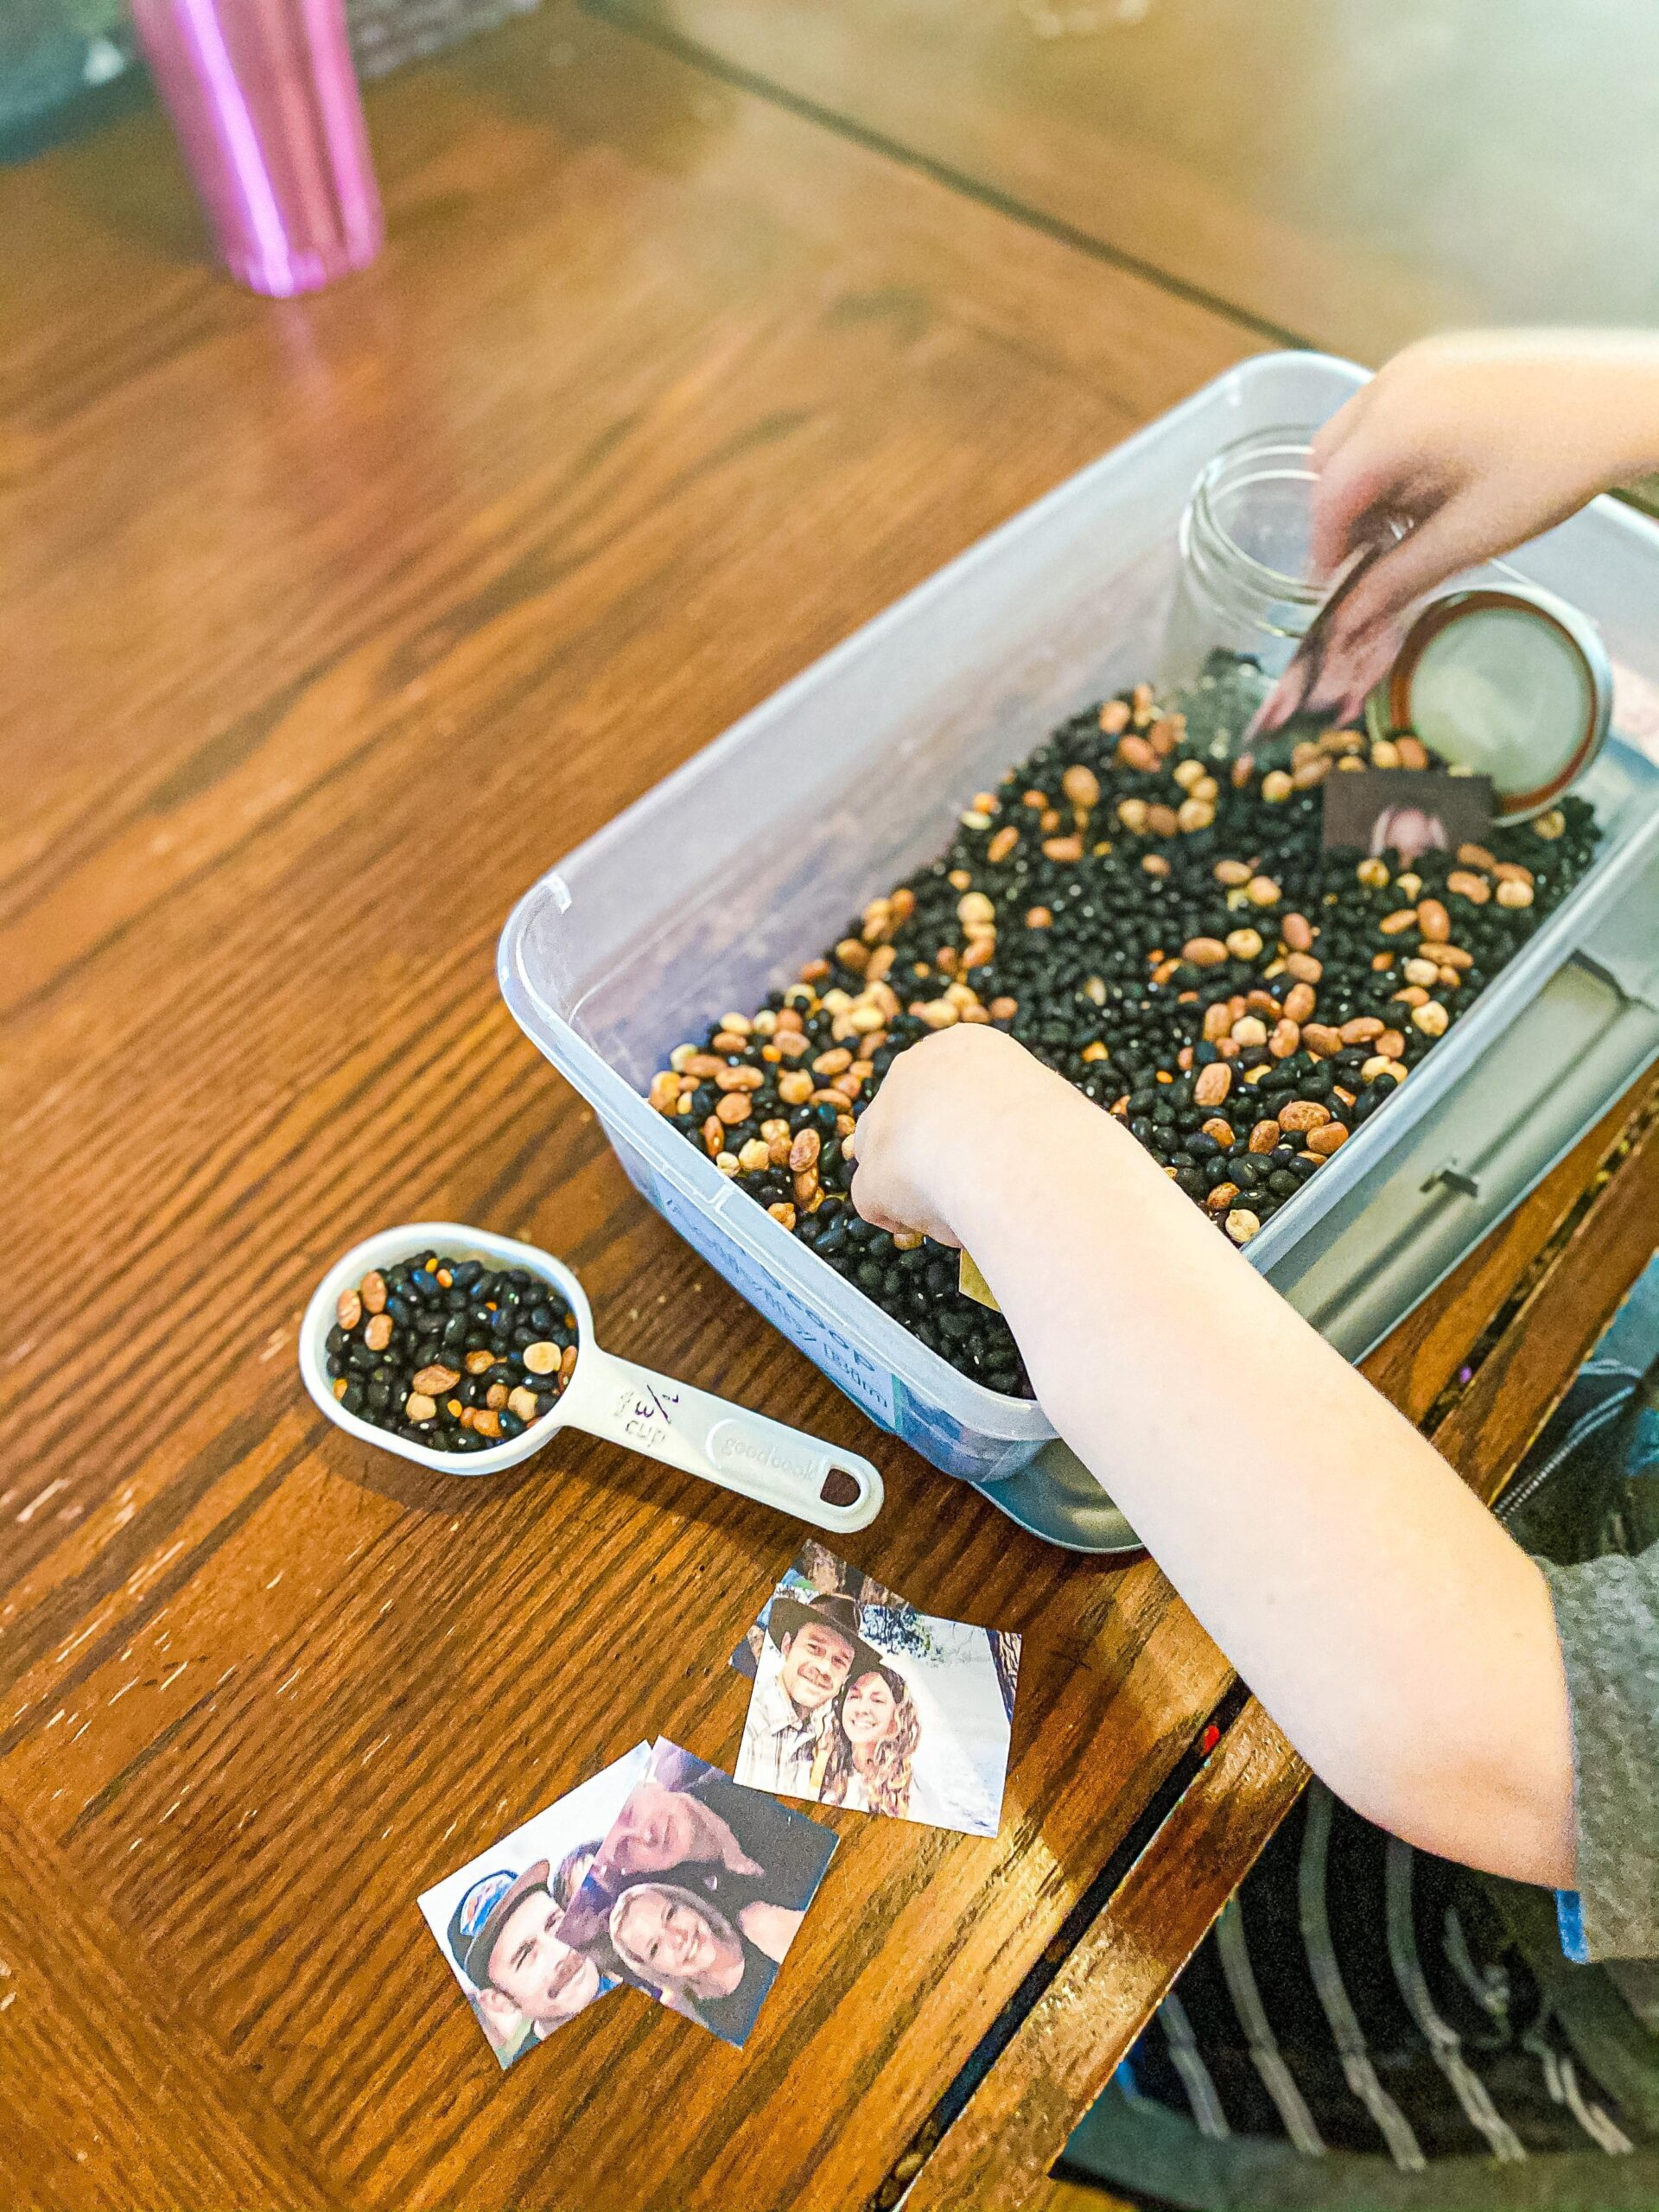 Family Sensory Bin for Preschoolers